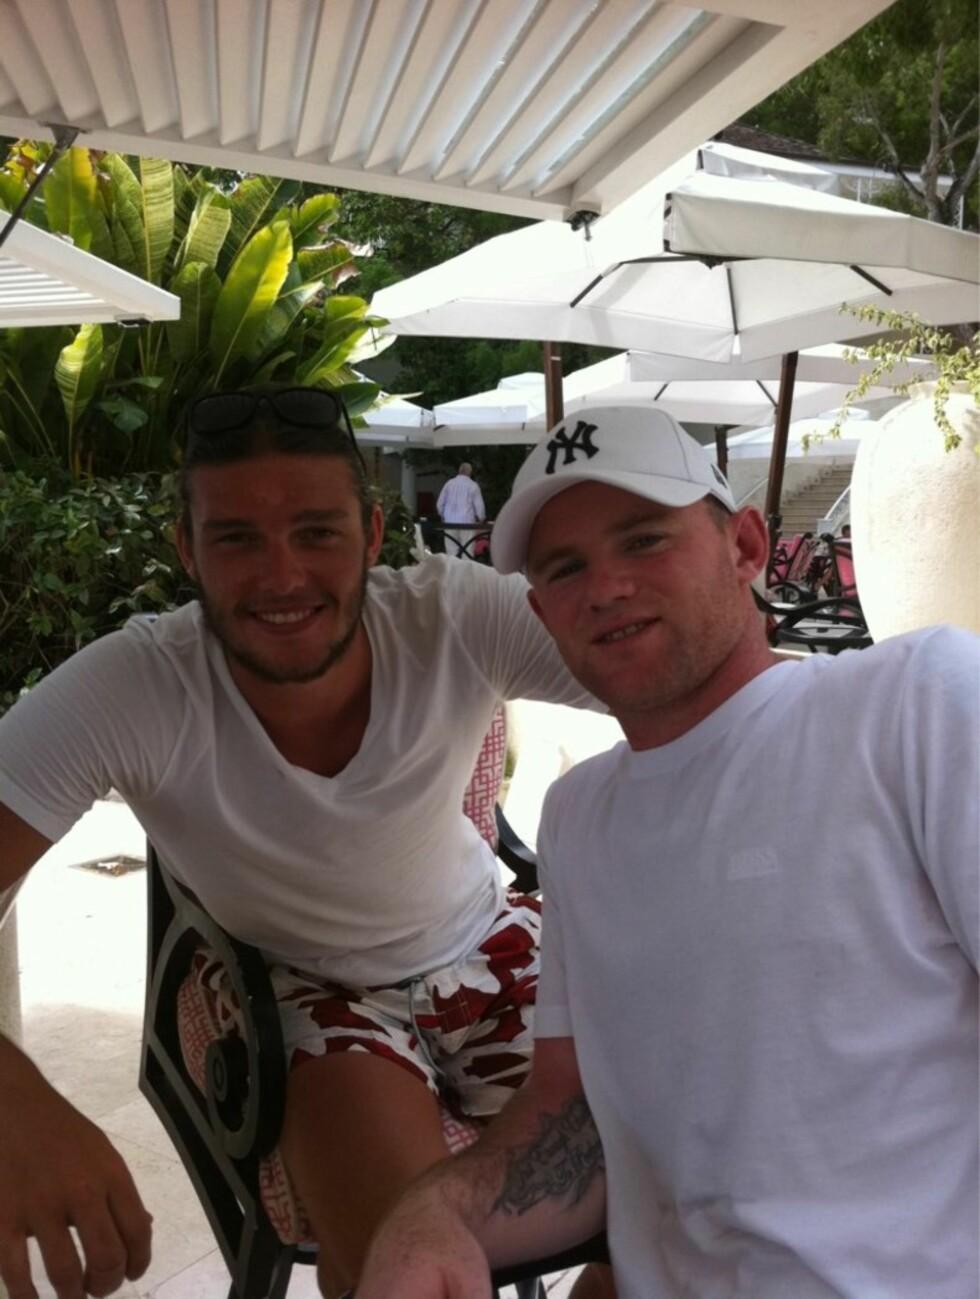 MOTSTANDERE PÅ BANEN - VENNER UTENFOR: Wayne Rooney tok seg tid til en fotballprat med Liverpool-stjernen Andy Carroll, da de to møttes under ferieturen. Foto: Twitter